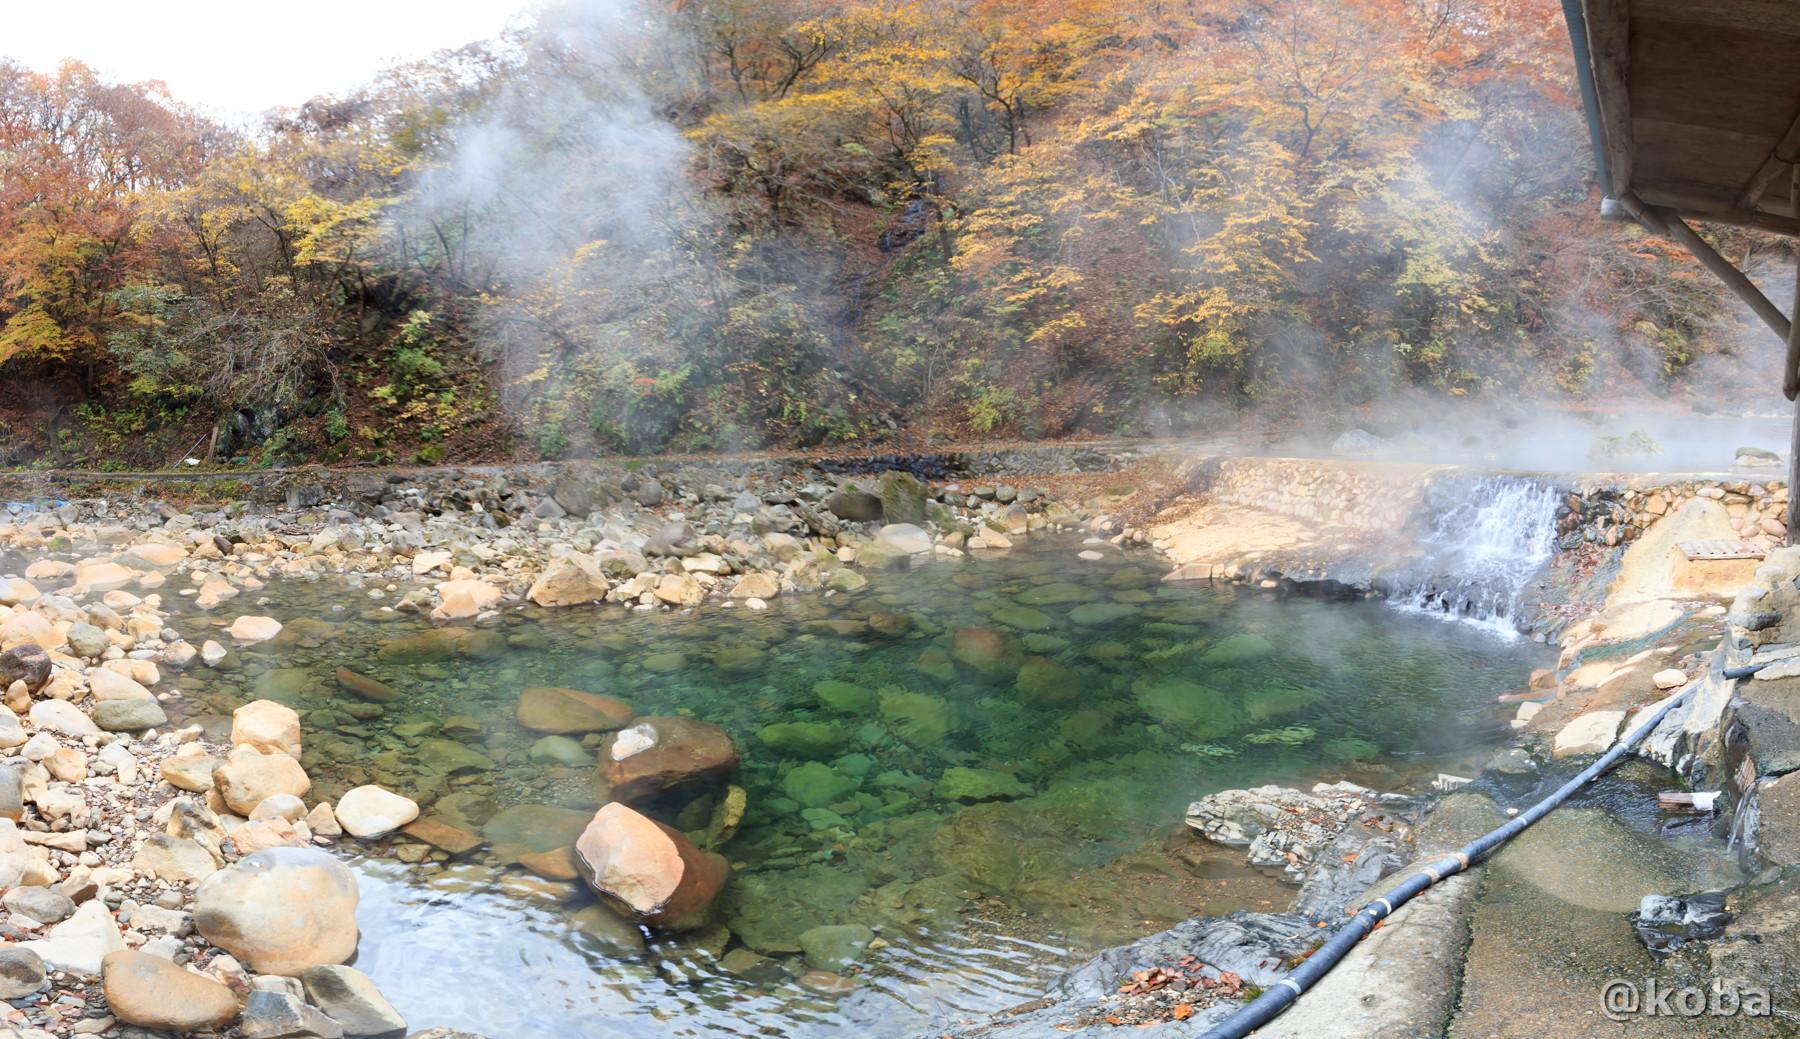 川の湯のパノラマ写真│尻焼温泉(しりやきおんせん)川の湯 日帰り入浴│群馬県 ブログ